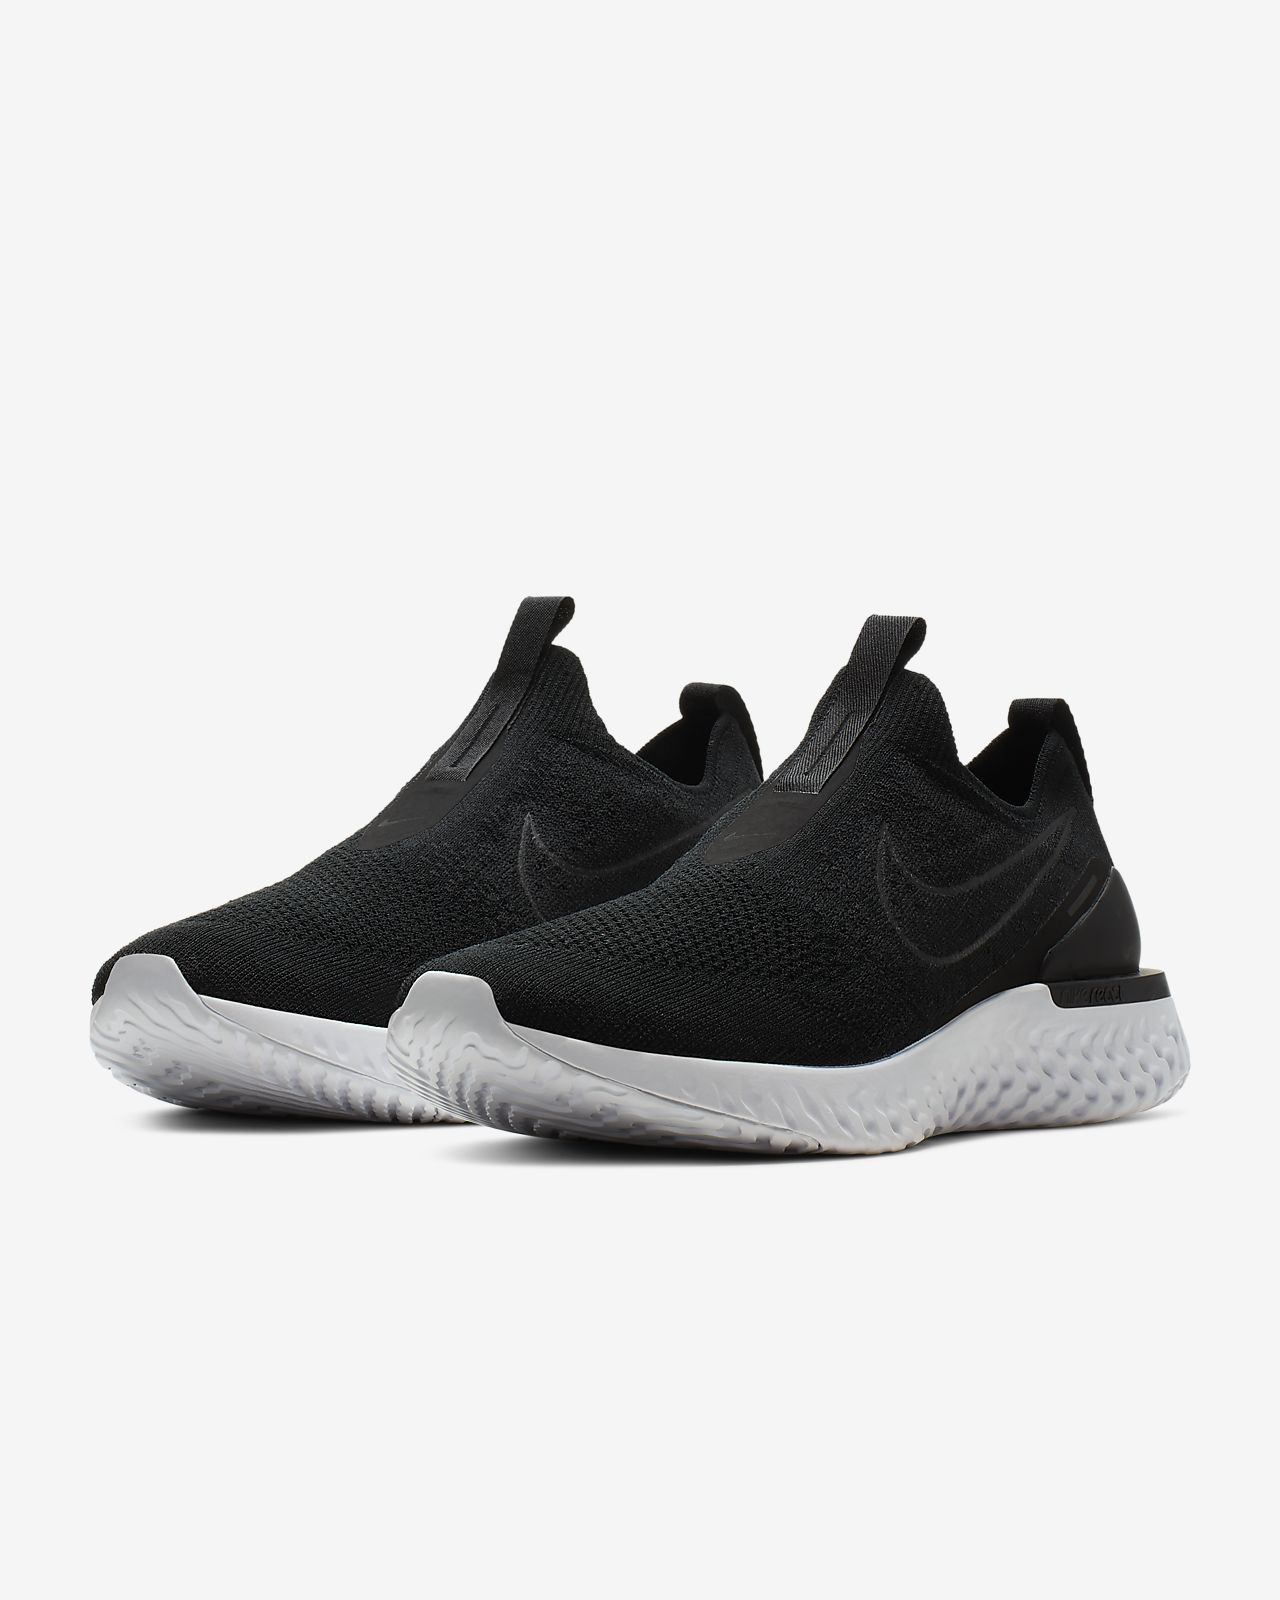 on sale f43a6 f6f89 ... Nike Epic Phantom React Flyknit Zapatillas de running - Hombre